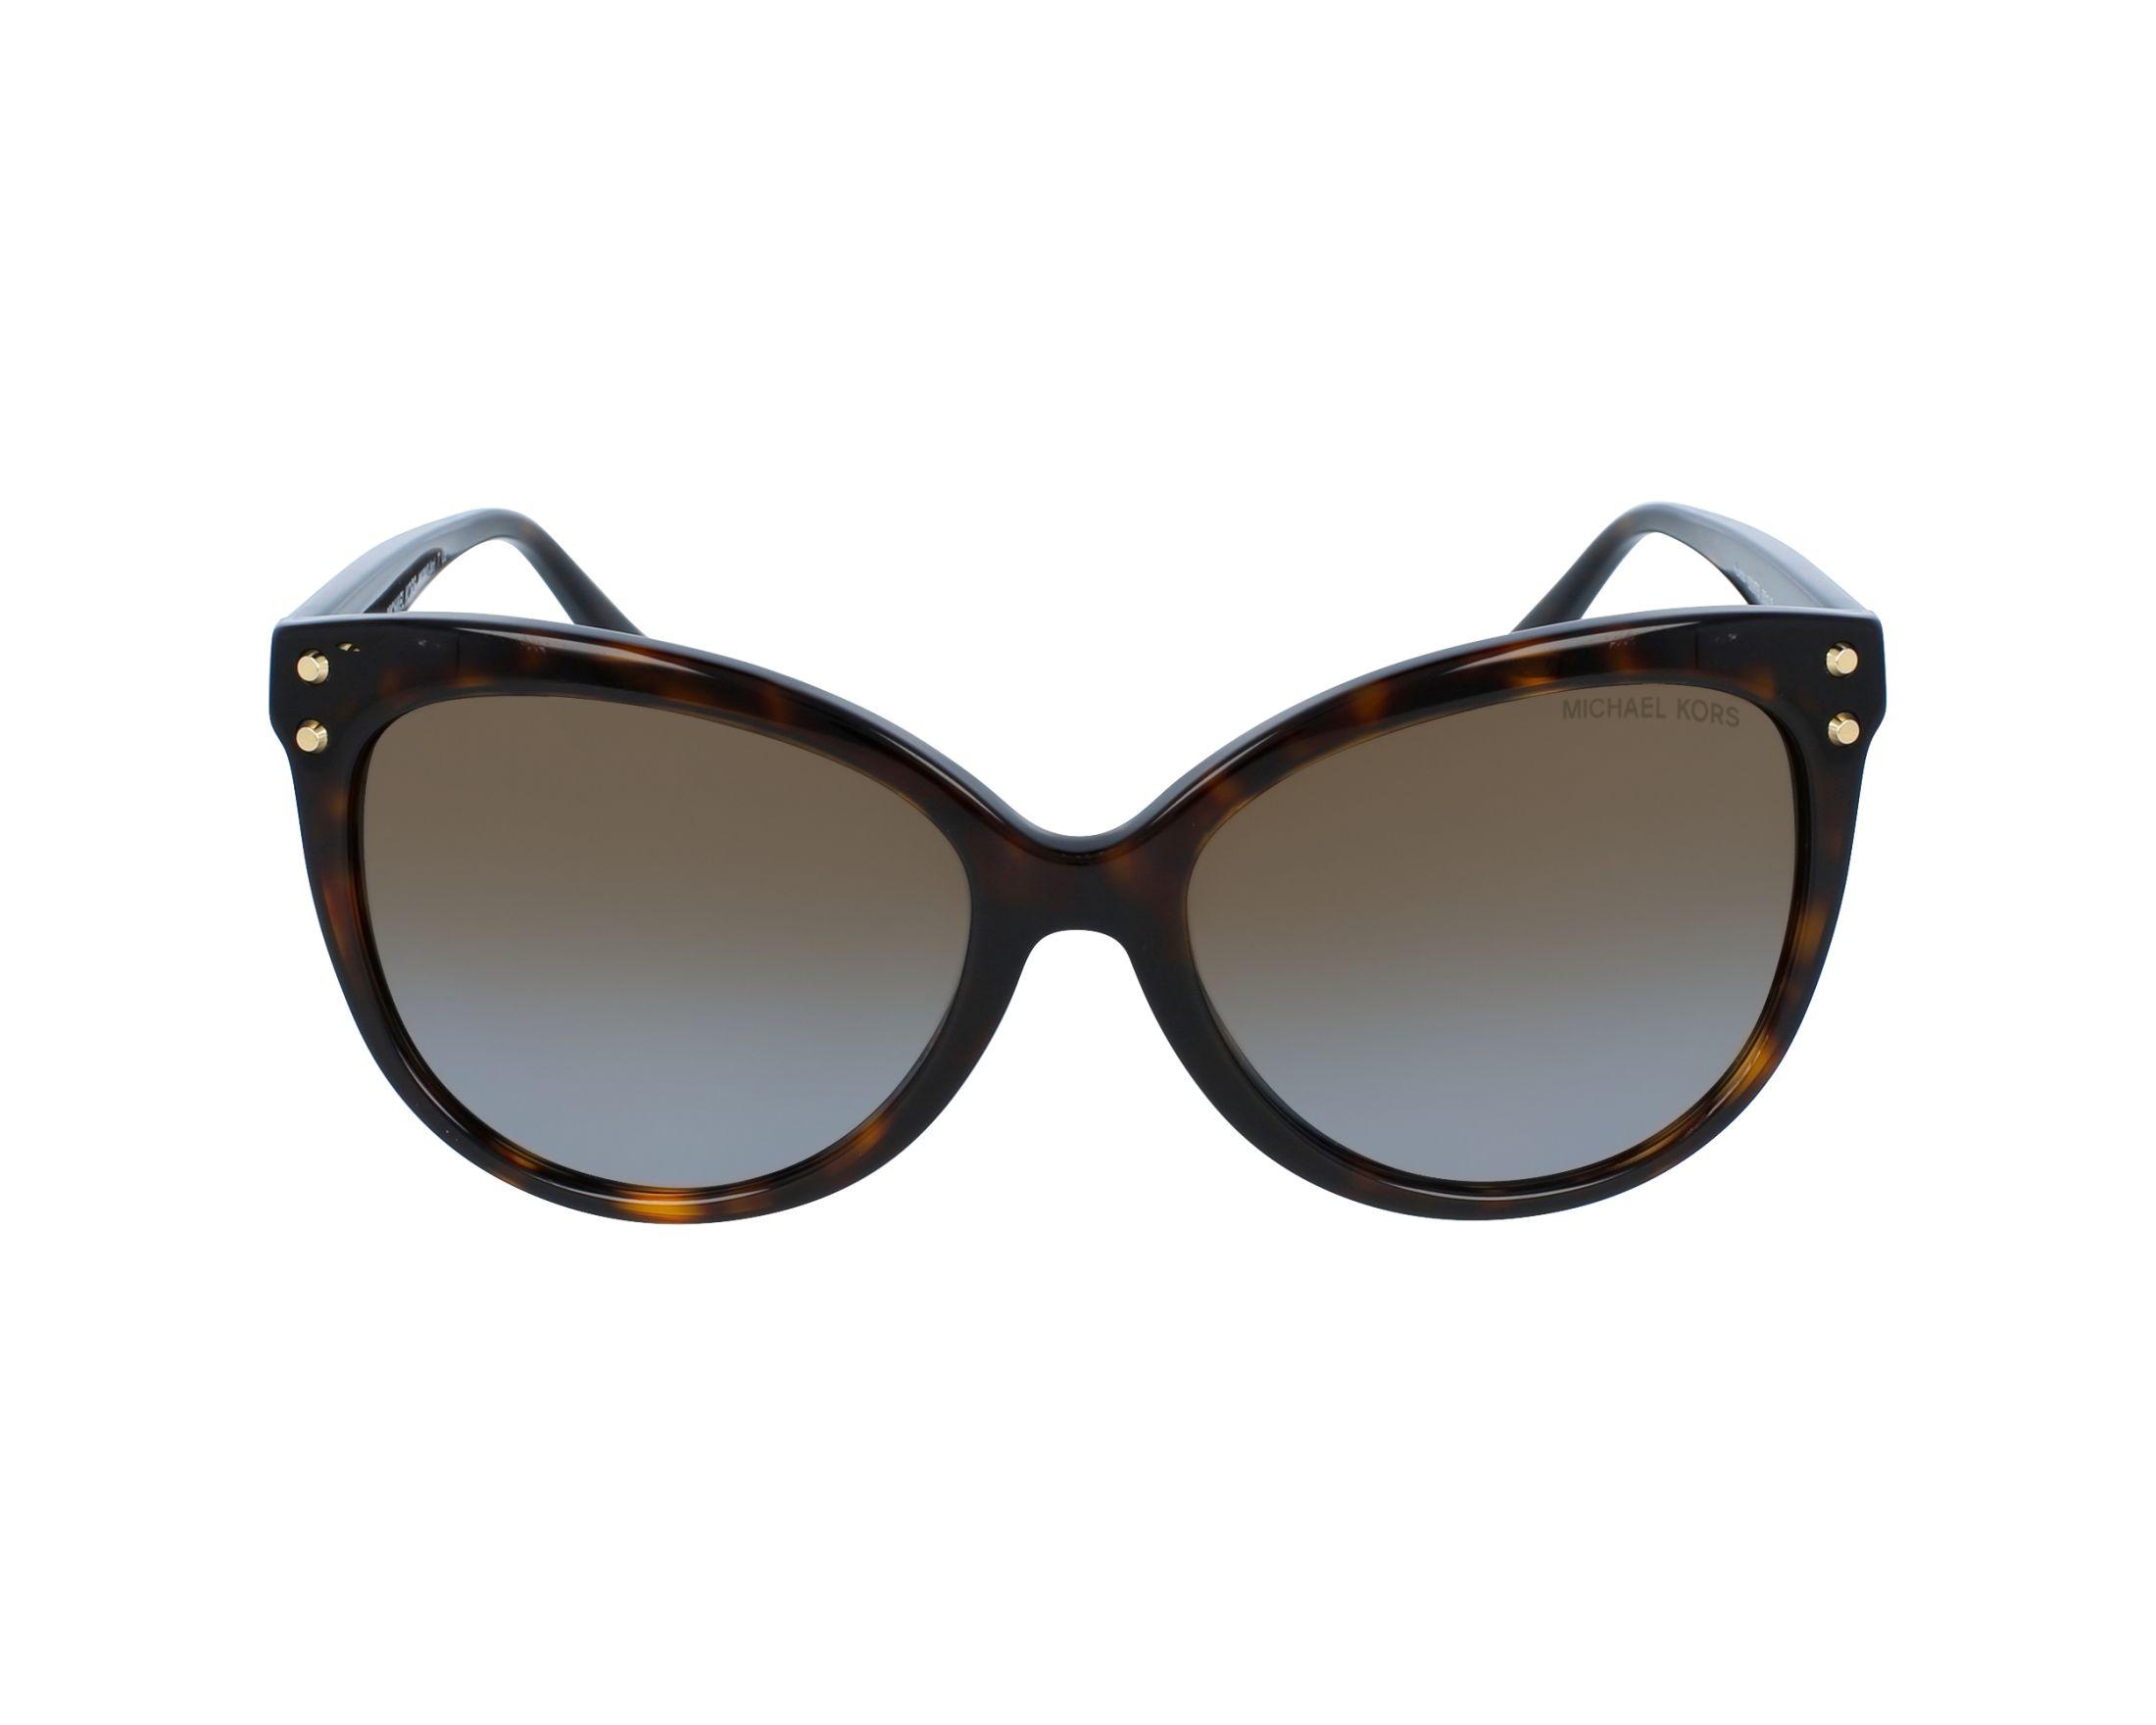 Michael Kors MK2045 3006T5 Sonnenbrille EP94iLna10